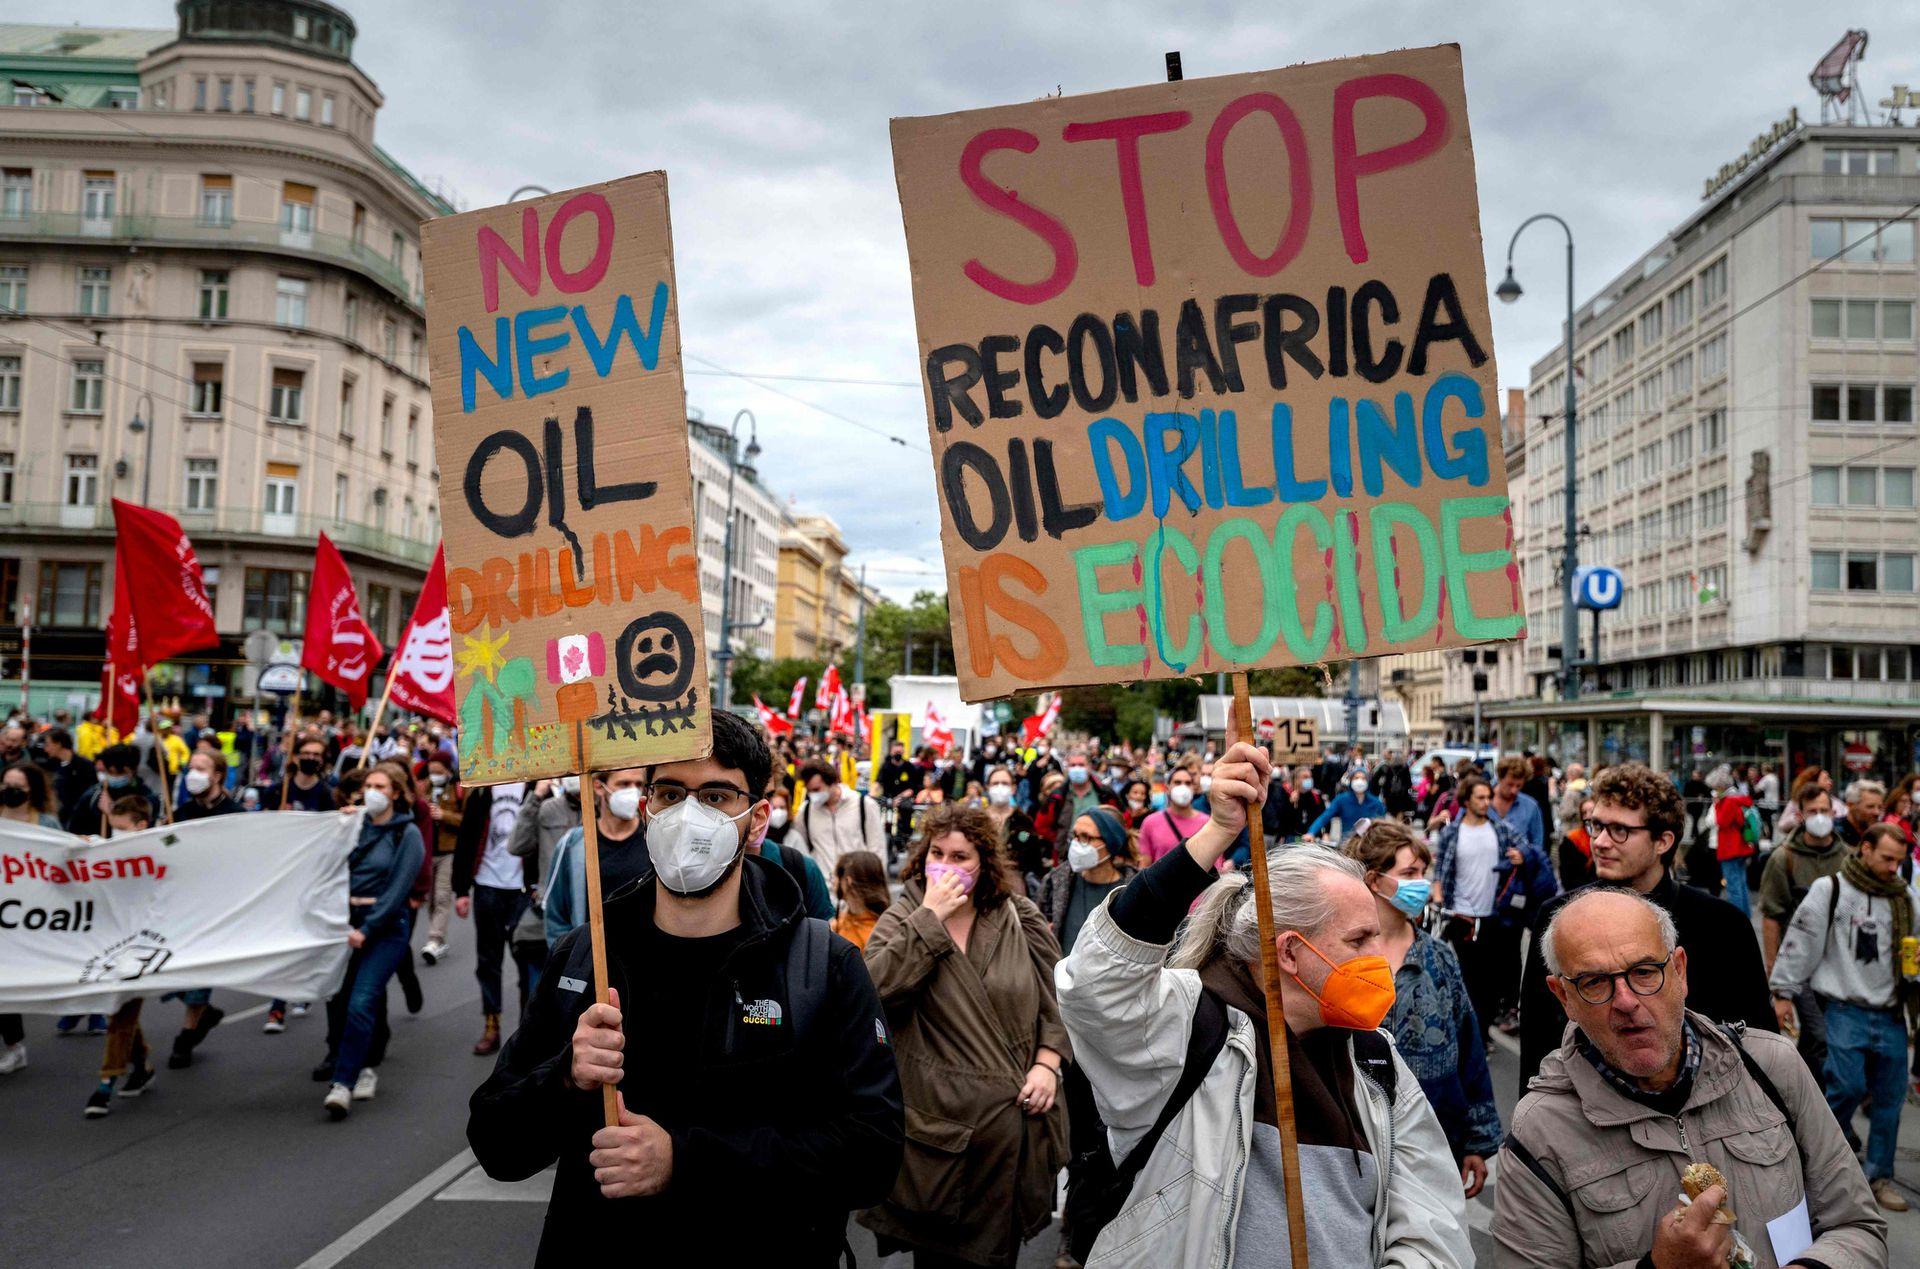 Protesta de Huelga Climática Global del movimiento Fridays for Future en Viena, Austria, el 24 de septiembre de 2021